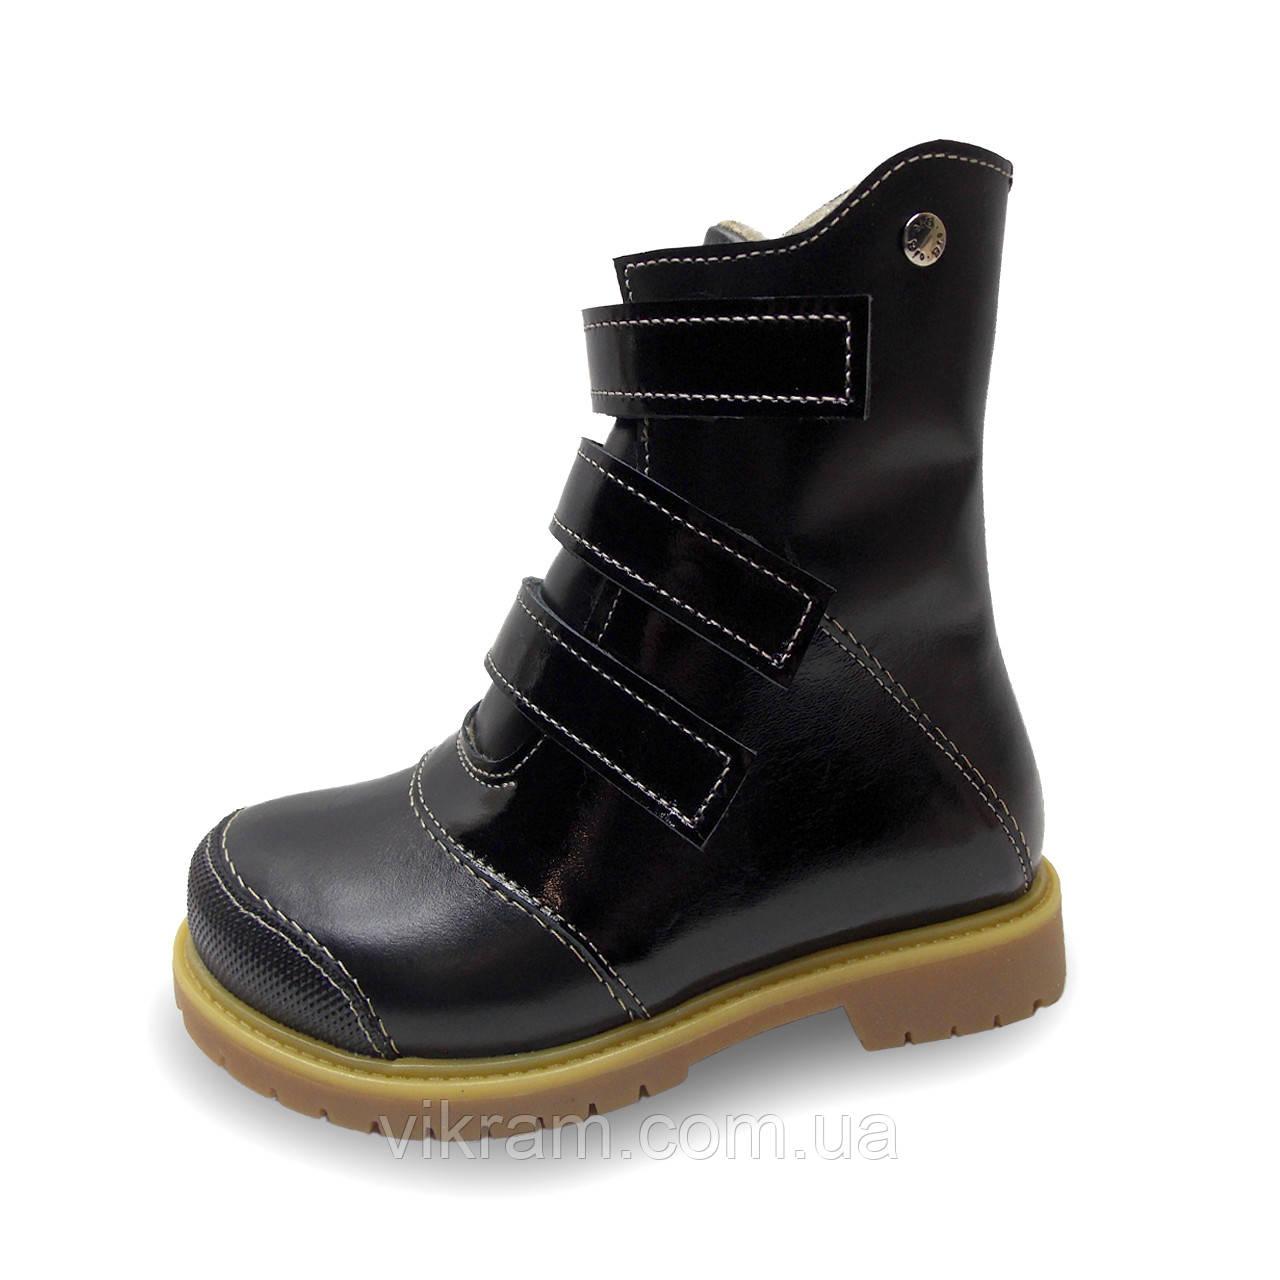 Зимние ортопедические ботинки с антиударным носиком ХАМЕР 2 черные